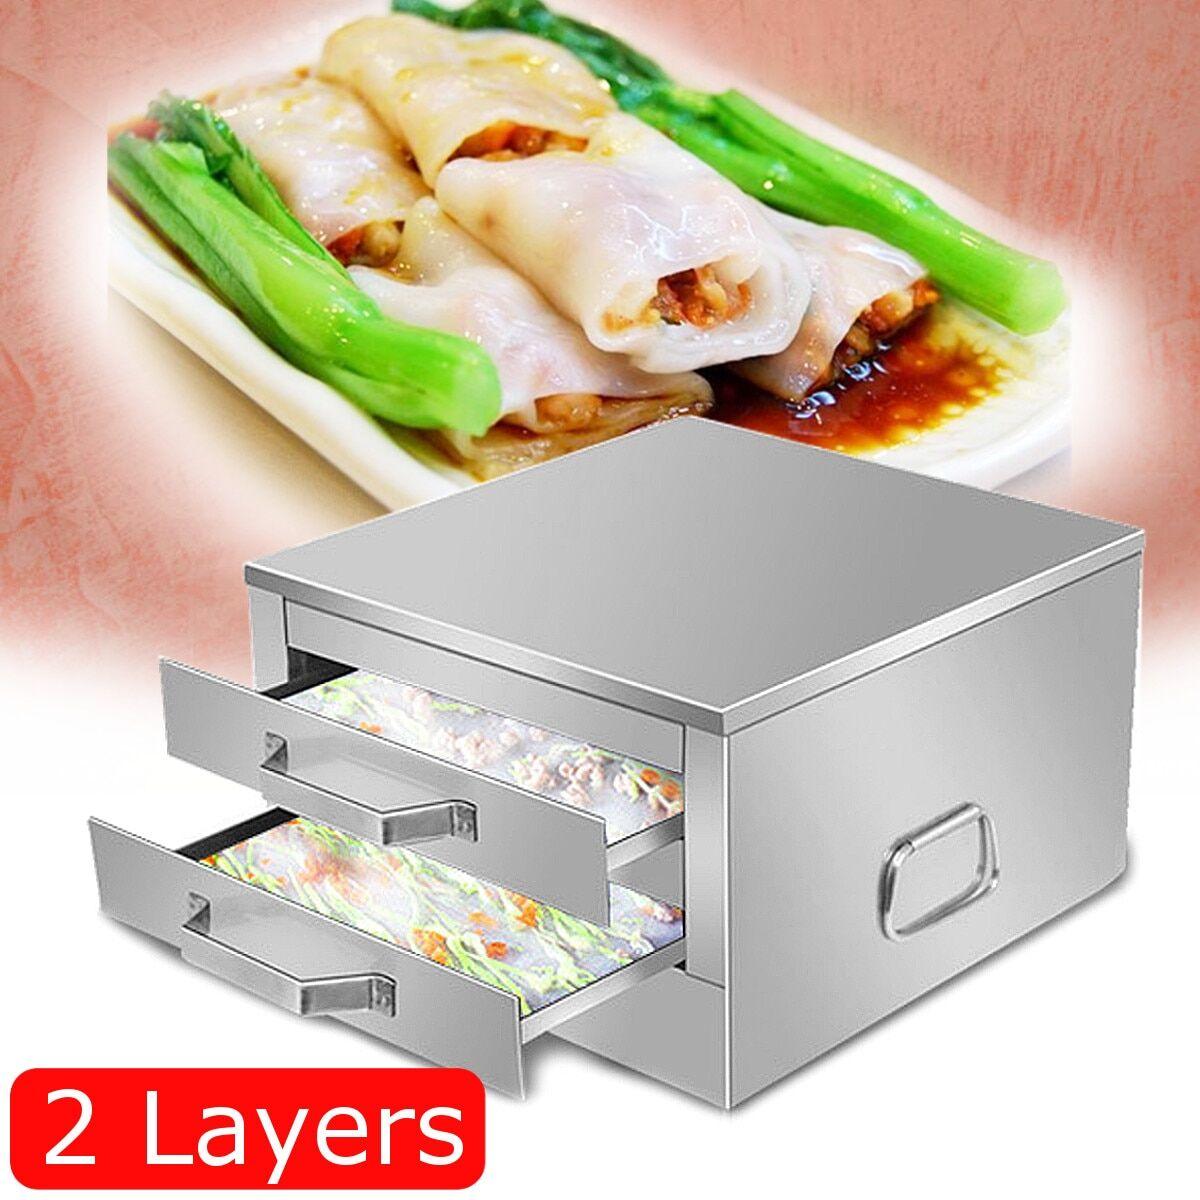 AliExpress Rouleau de riz et nouilles en acier inoxydable, 2/1 couches, Machine à vapeur pour petit pain,